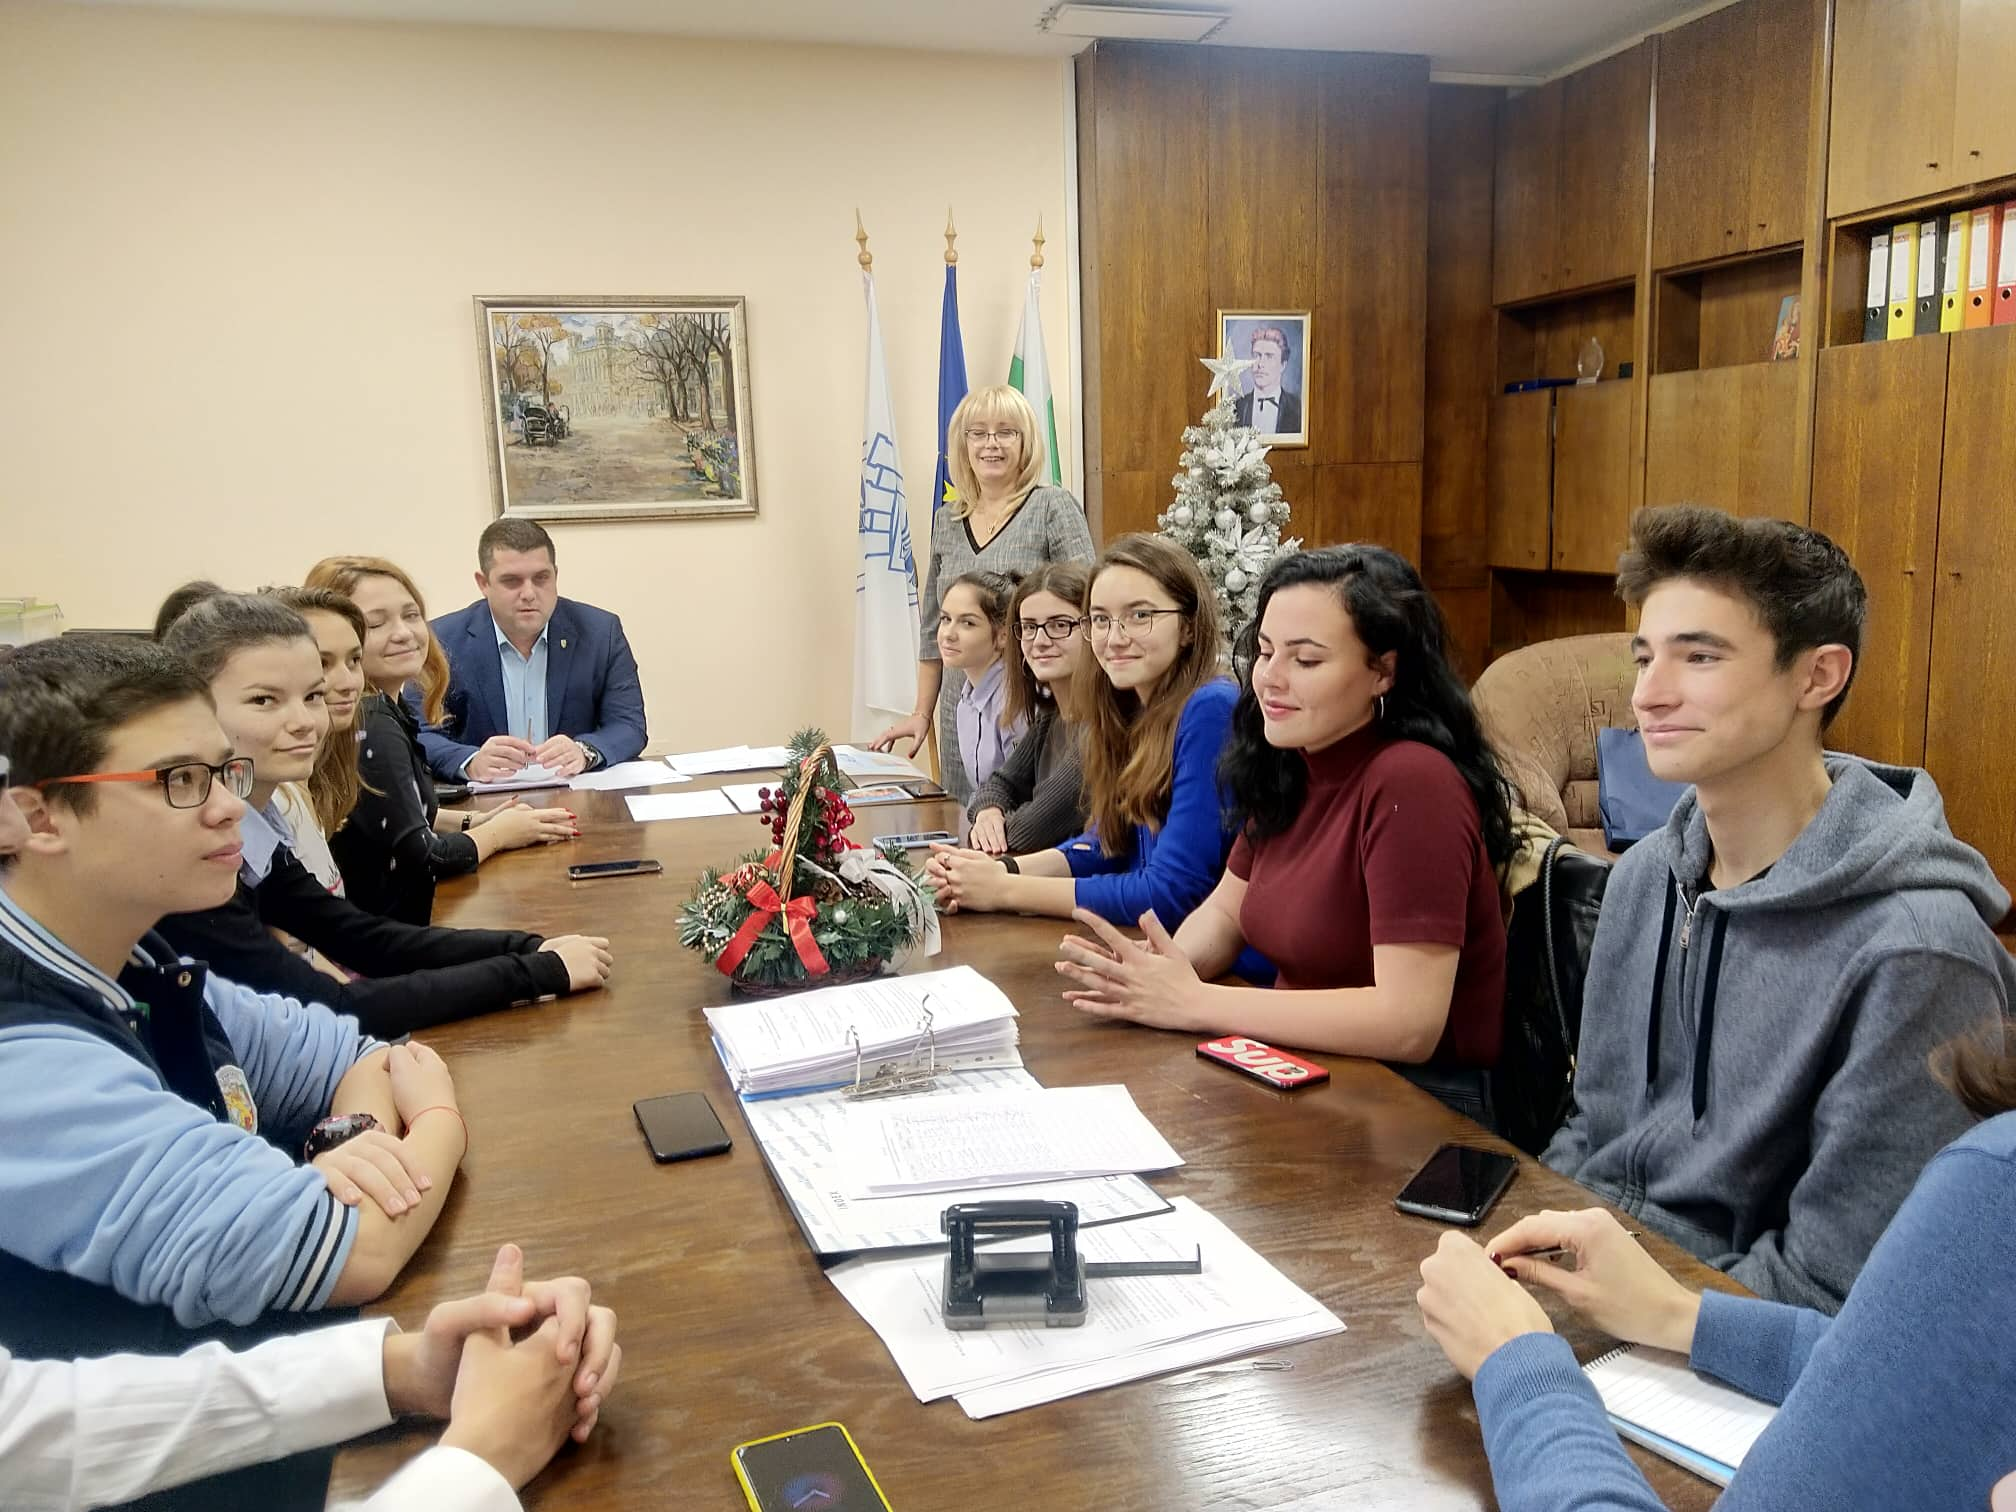 Първата среща между младежи от Младежки парламент към Общински младежки дом и Председателя на Общинския съвет в Русе